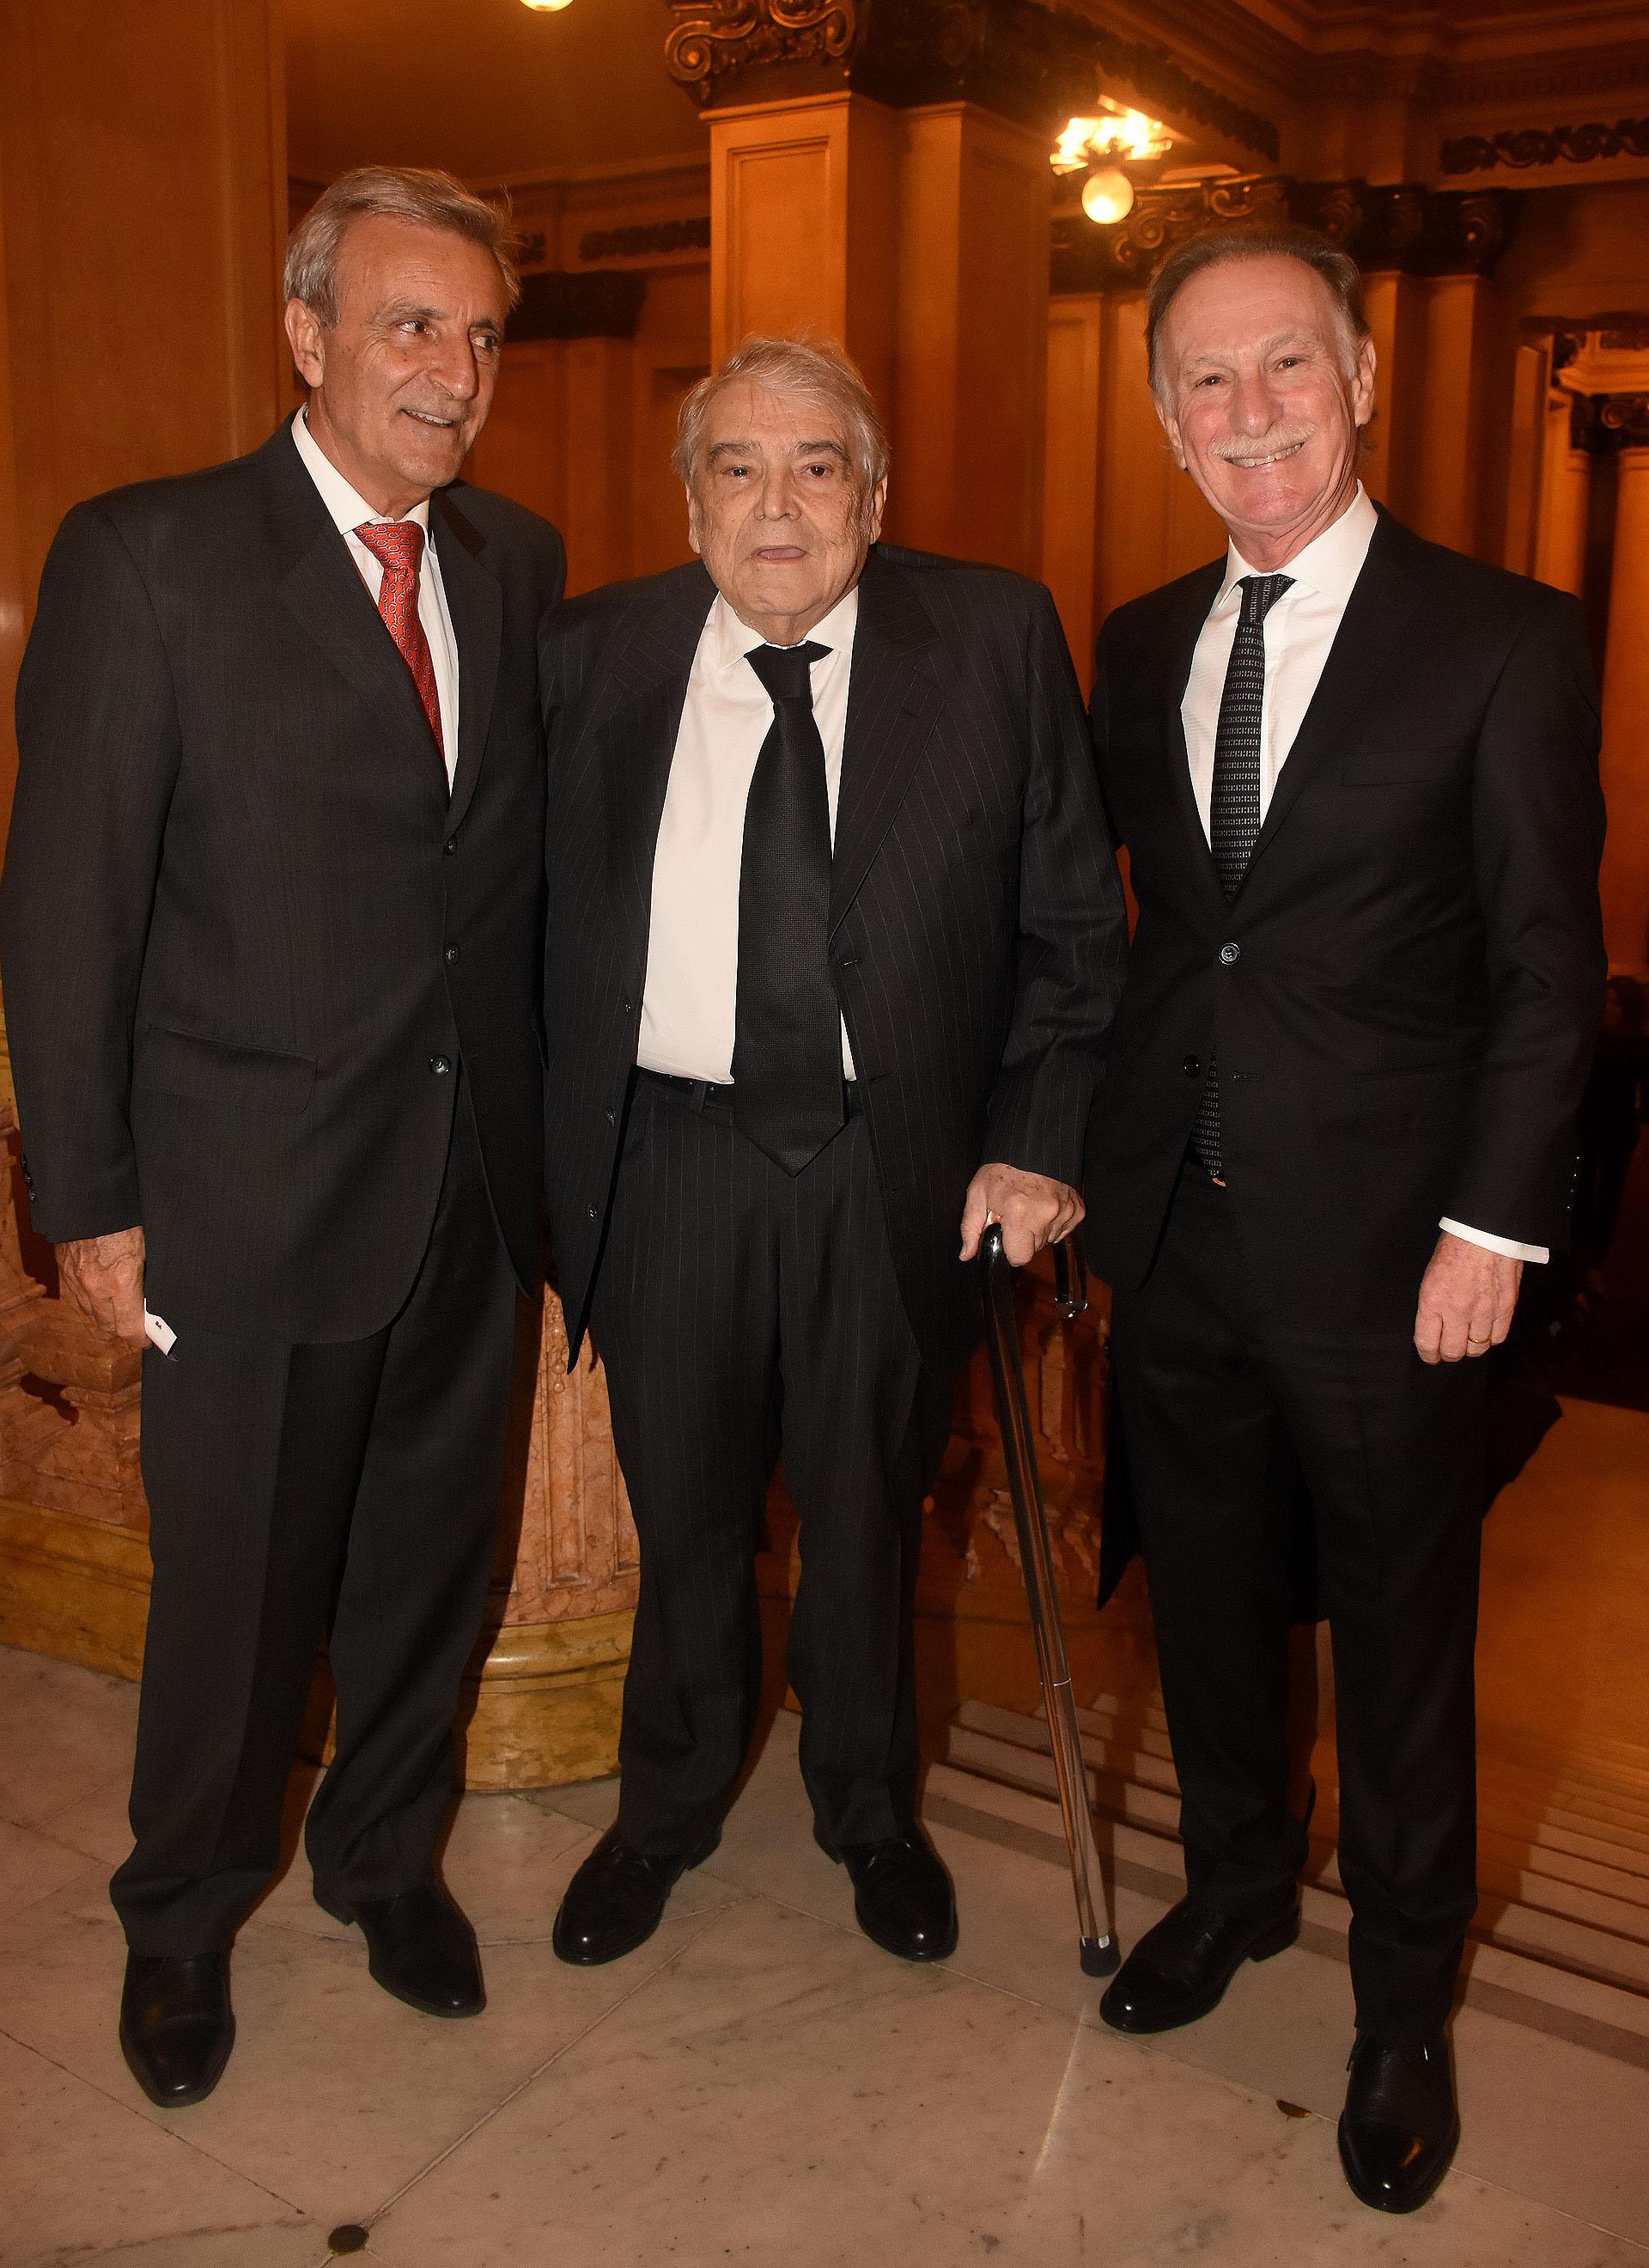 Héctor Méndez, ex titular de la Unión Industrial Argentina, y Gustavo Weiss